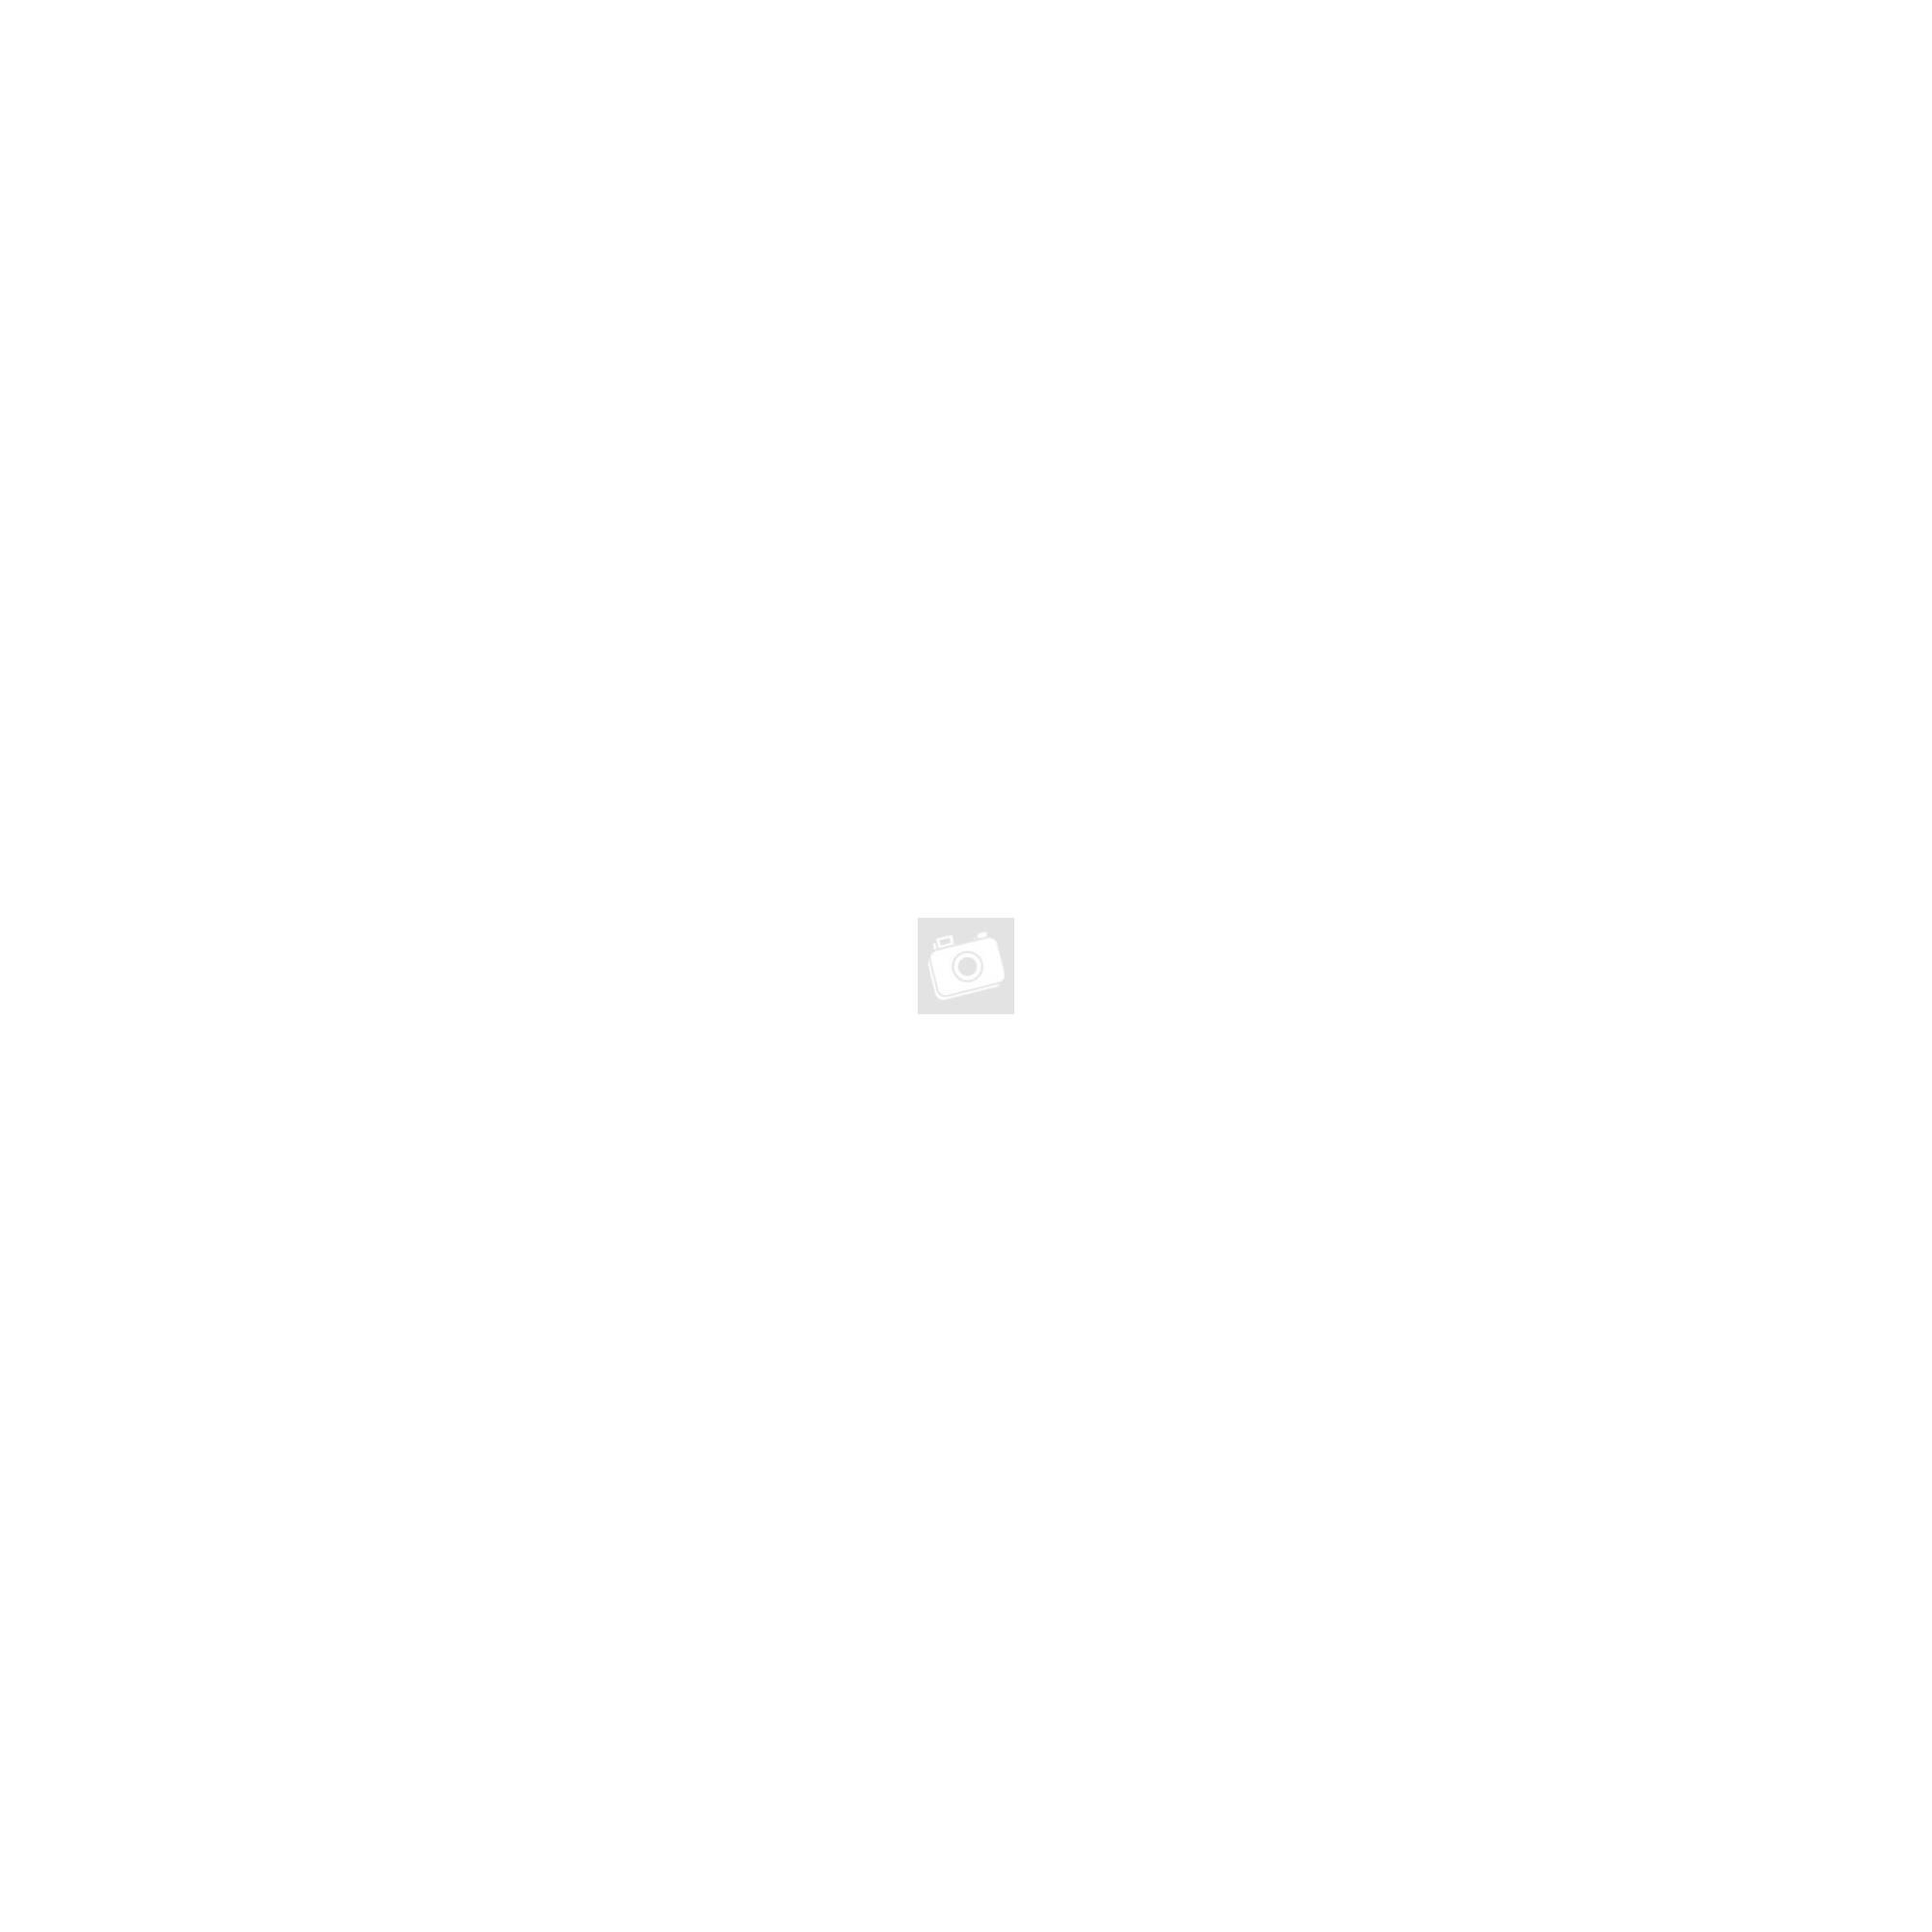 9991002197 CIPO AND BAXX - NEWYORK#BLACK - Férfi Átmeneti kabát - Prémium kategória